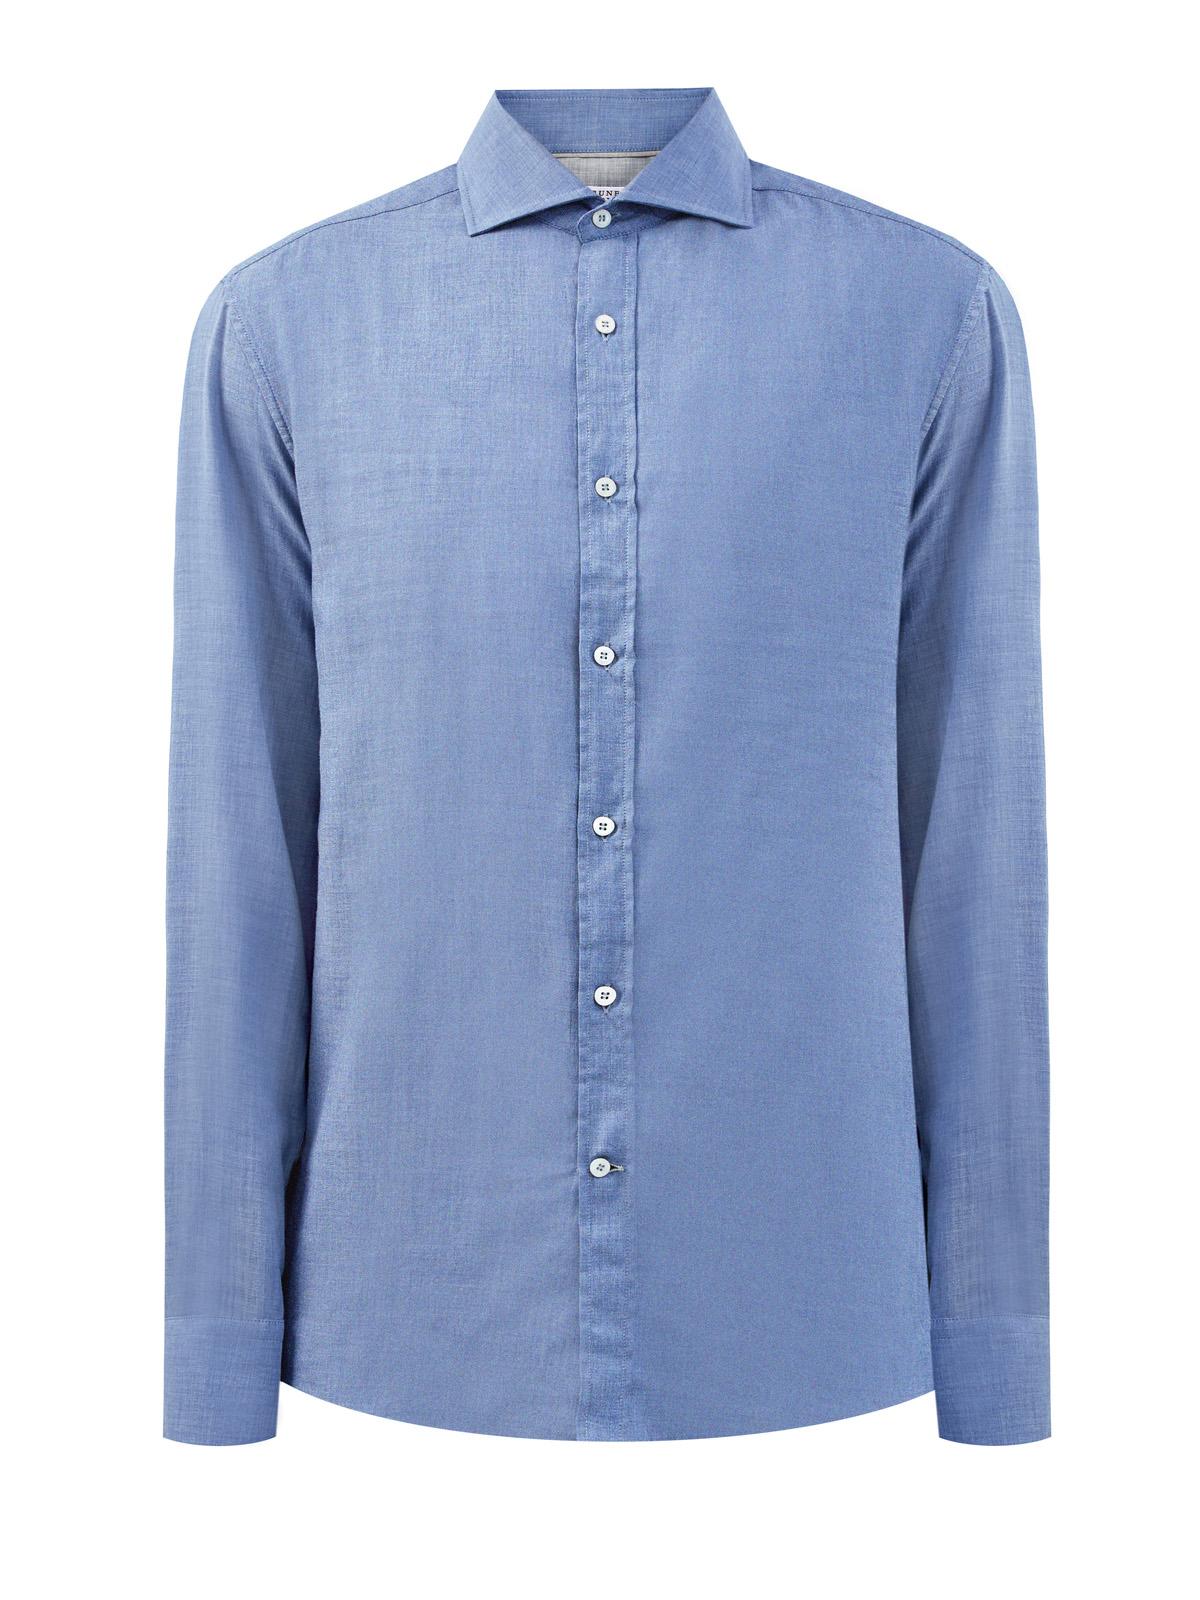 Приталенная рубашка из хлопковой саржи